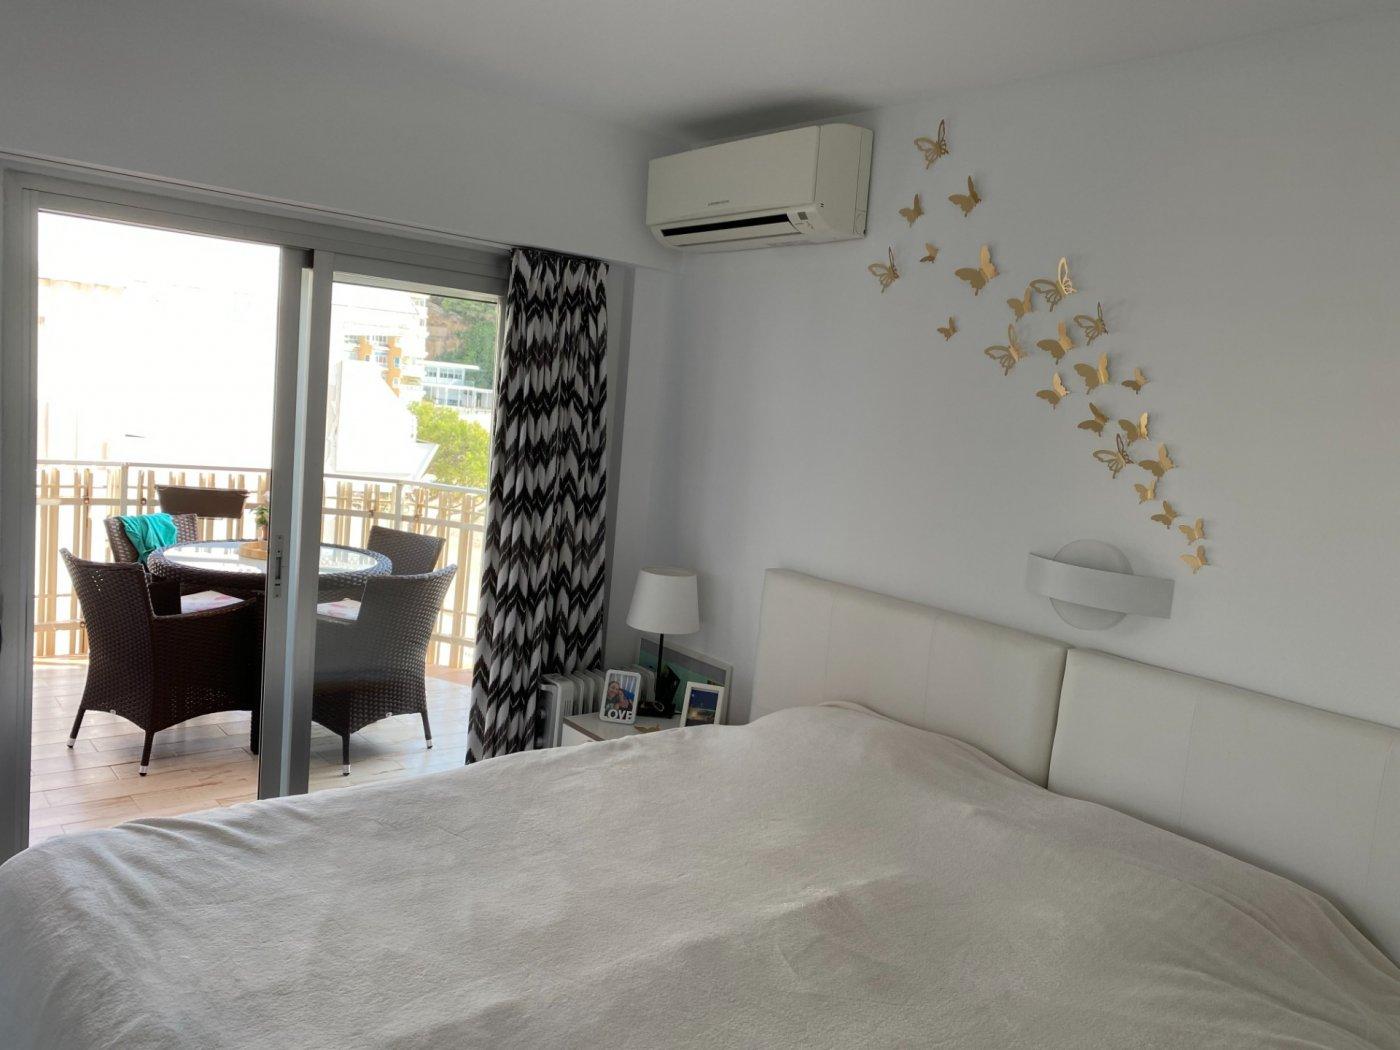 Alquiler con opcion de compra!espectacular apartamento con vistas al mar y parking propio - imagenInmueble22